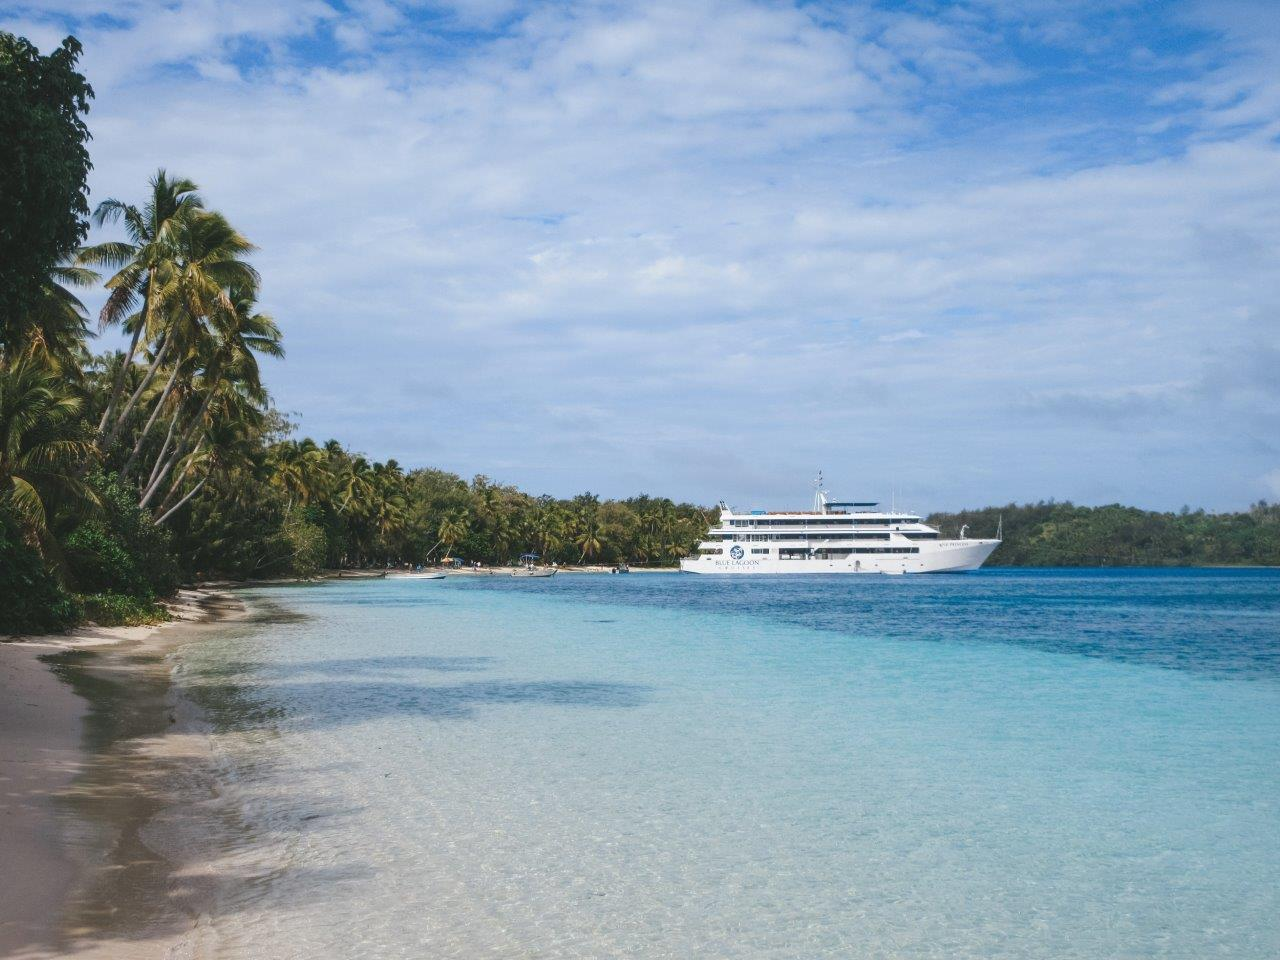 A Guide to Nanuya Island